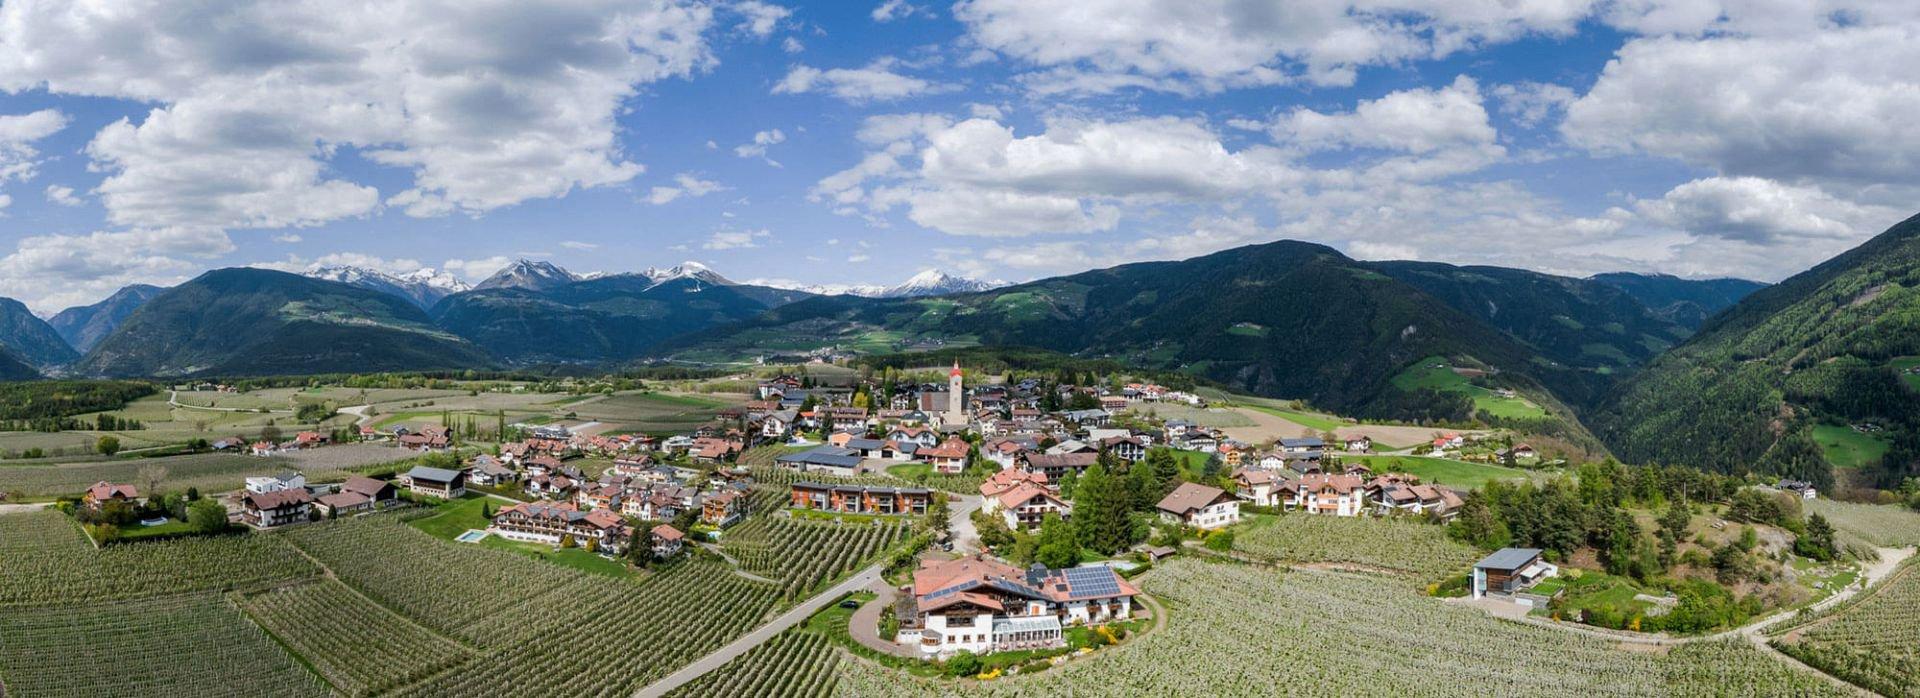 Gasthof Anich - Ihre Unterkunft in unserem Landgasthof in Südtirol